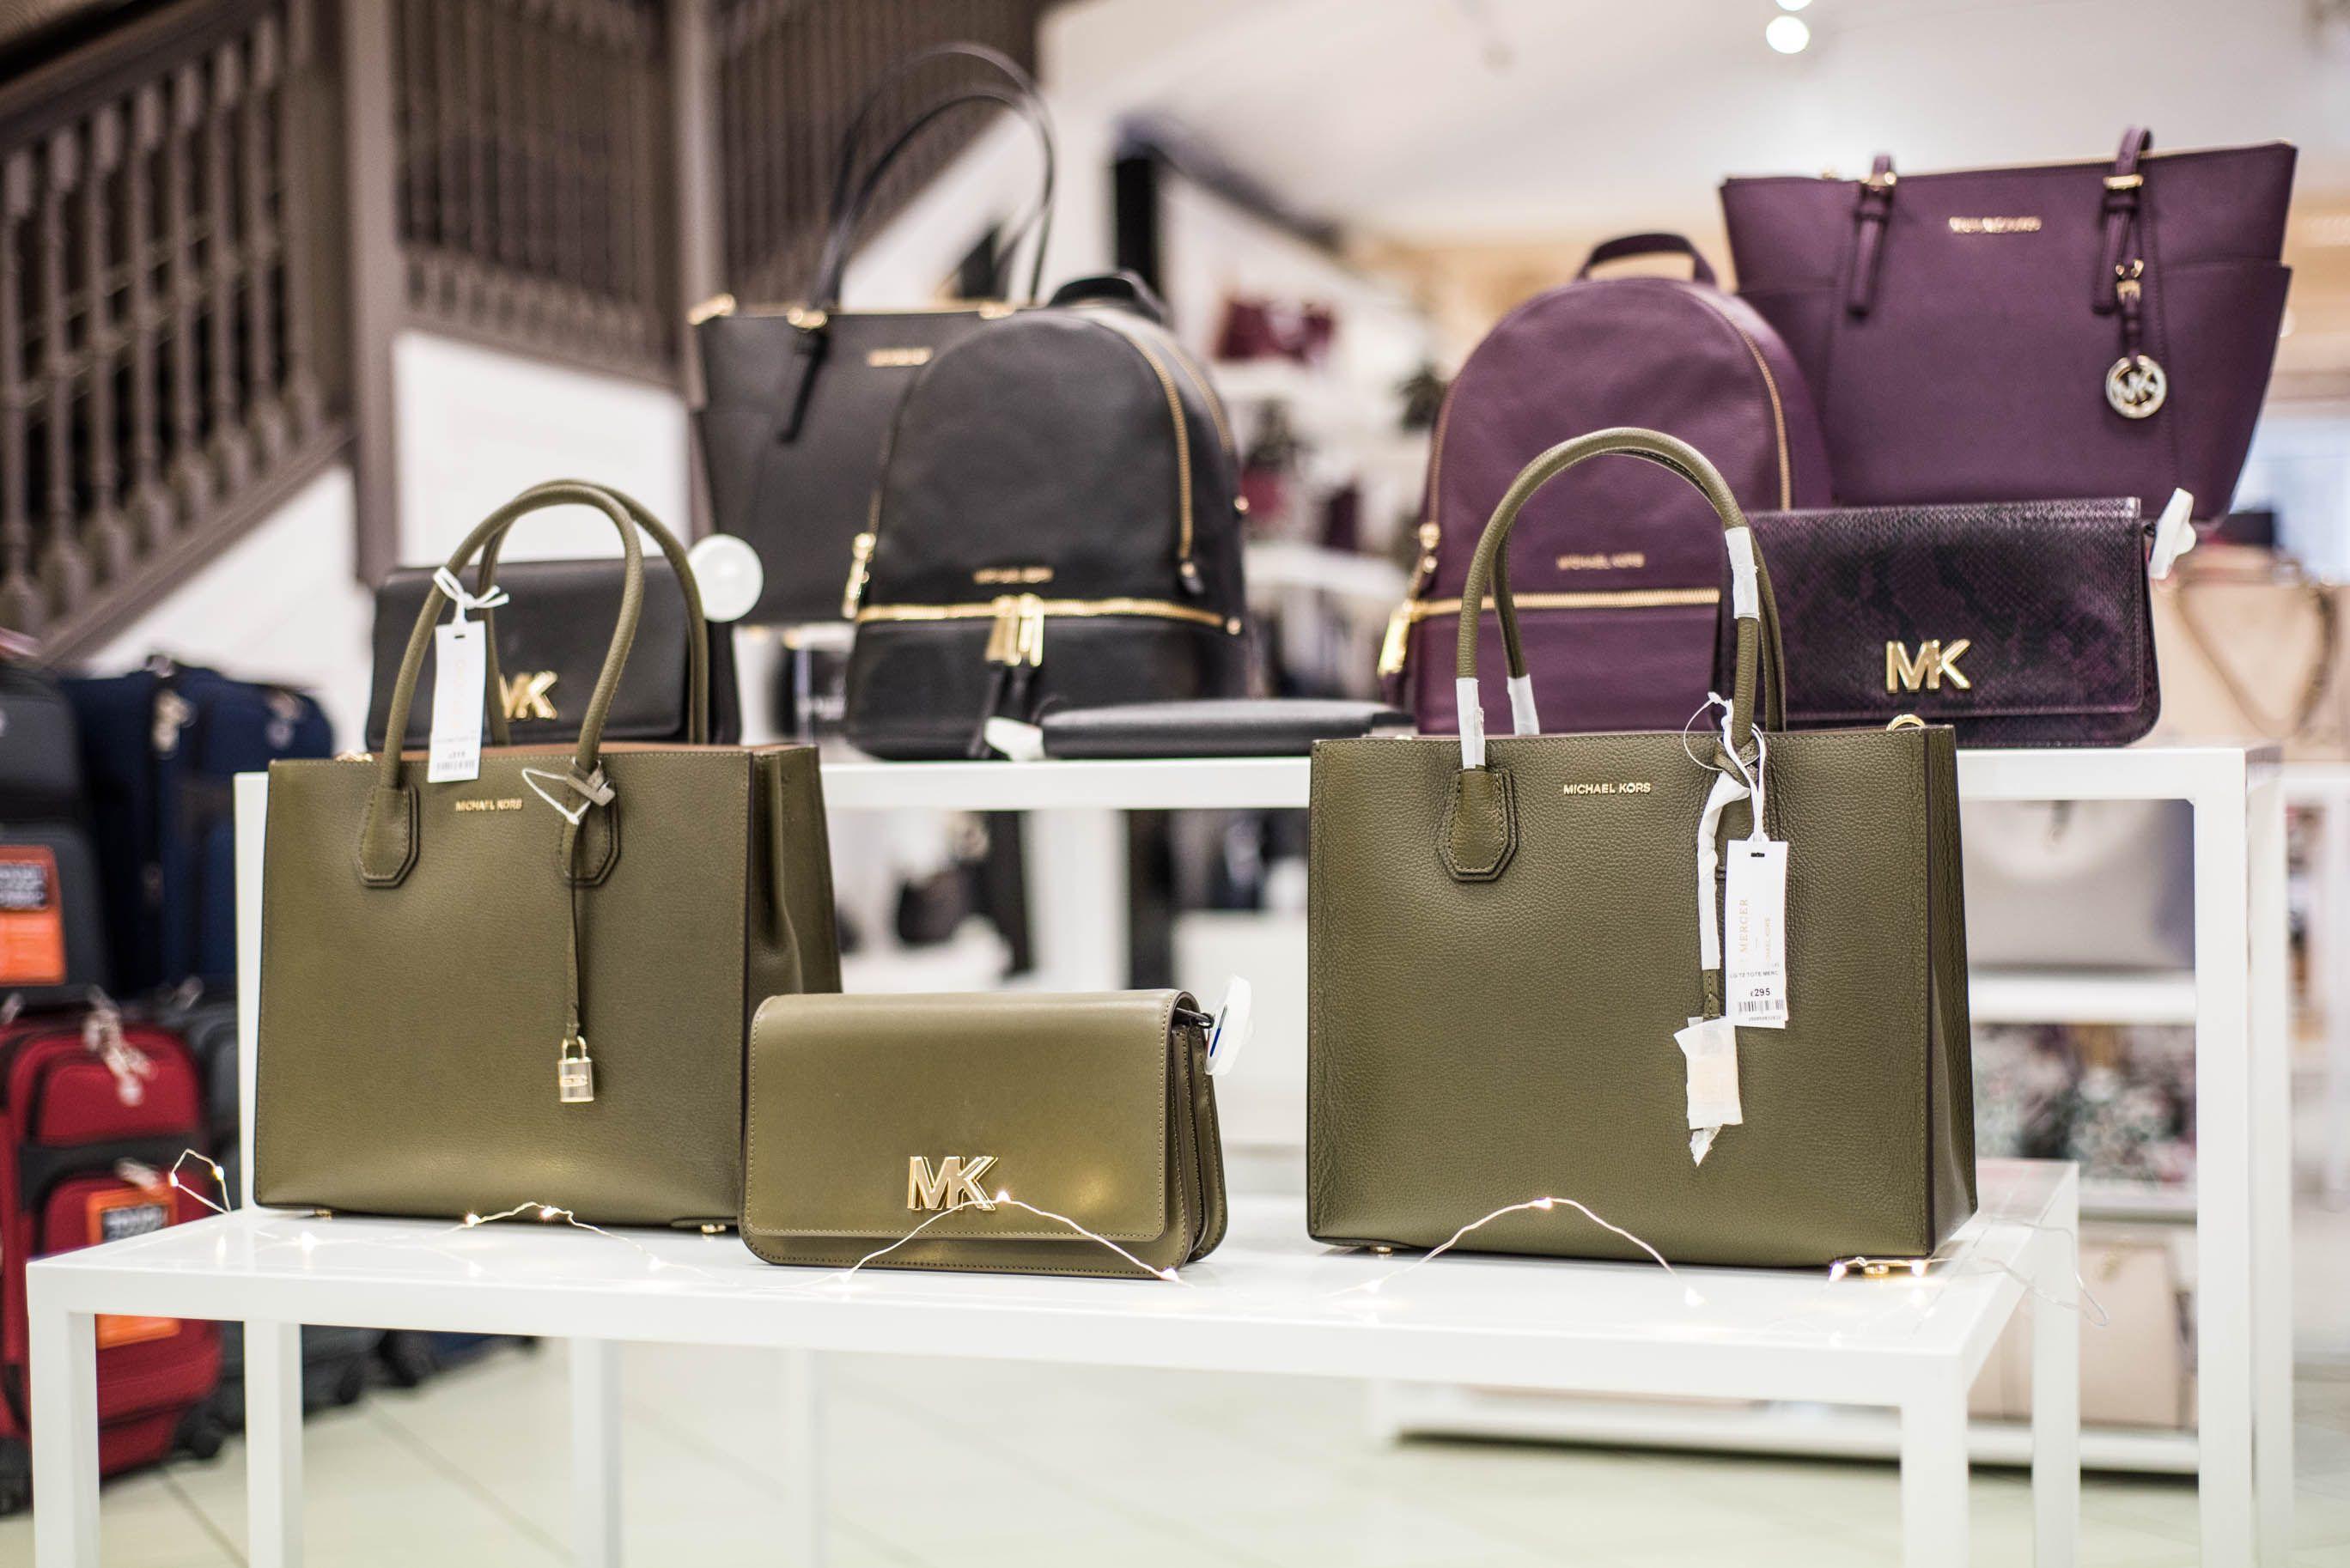 Beales Department Michael Kors Tote Jet Handbag In Black Purple Or Tan